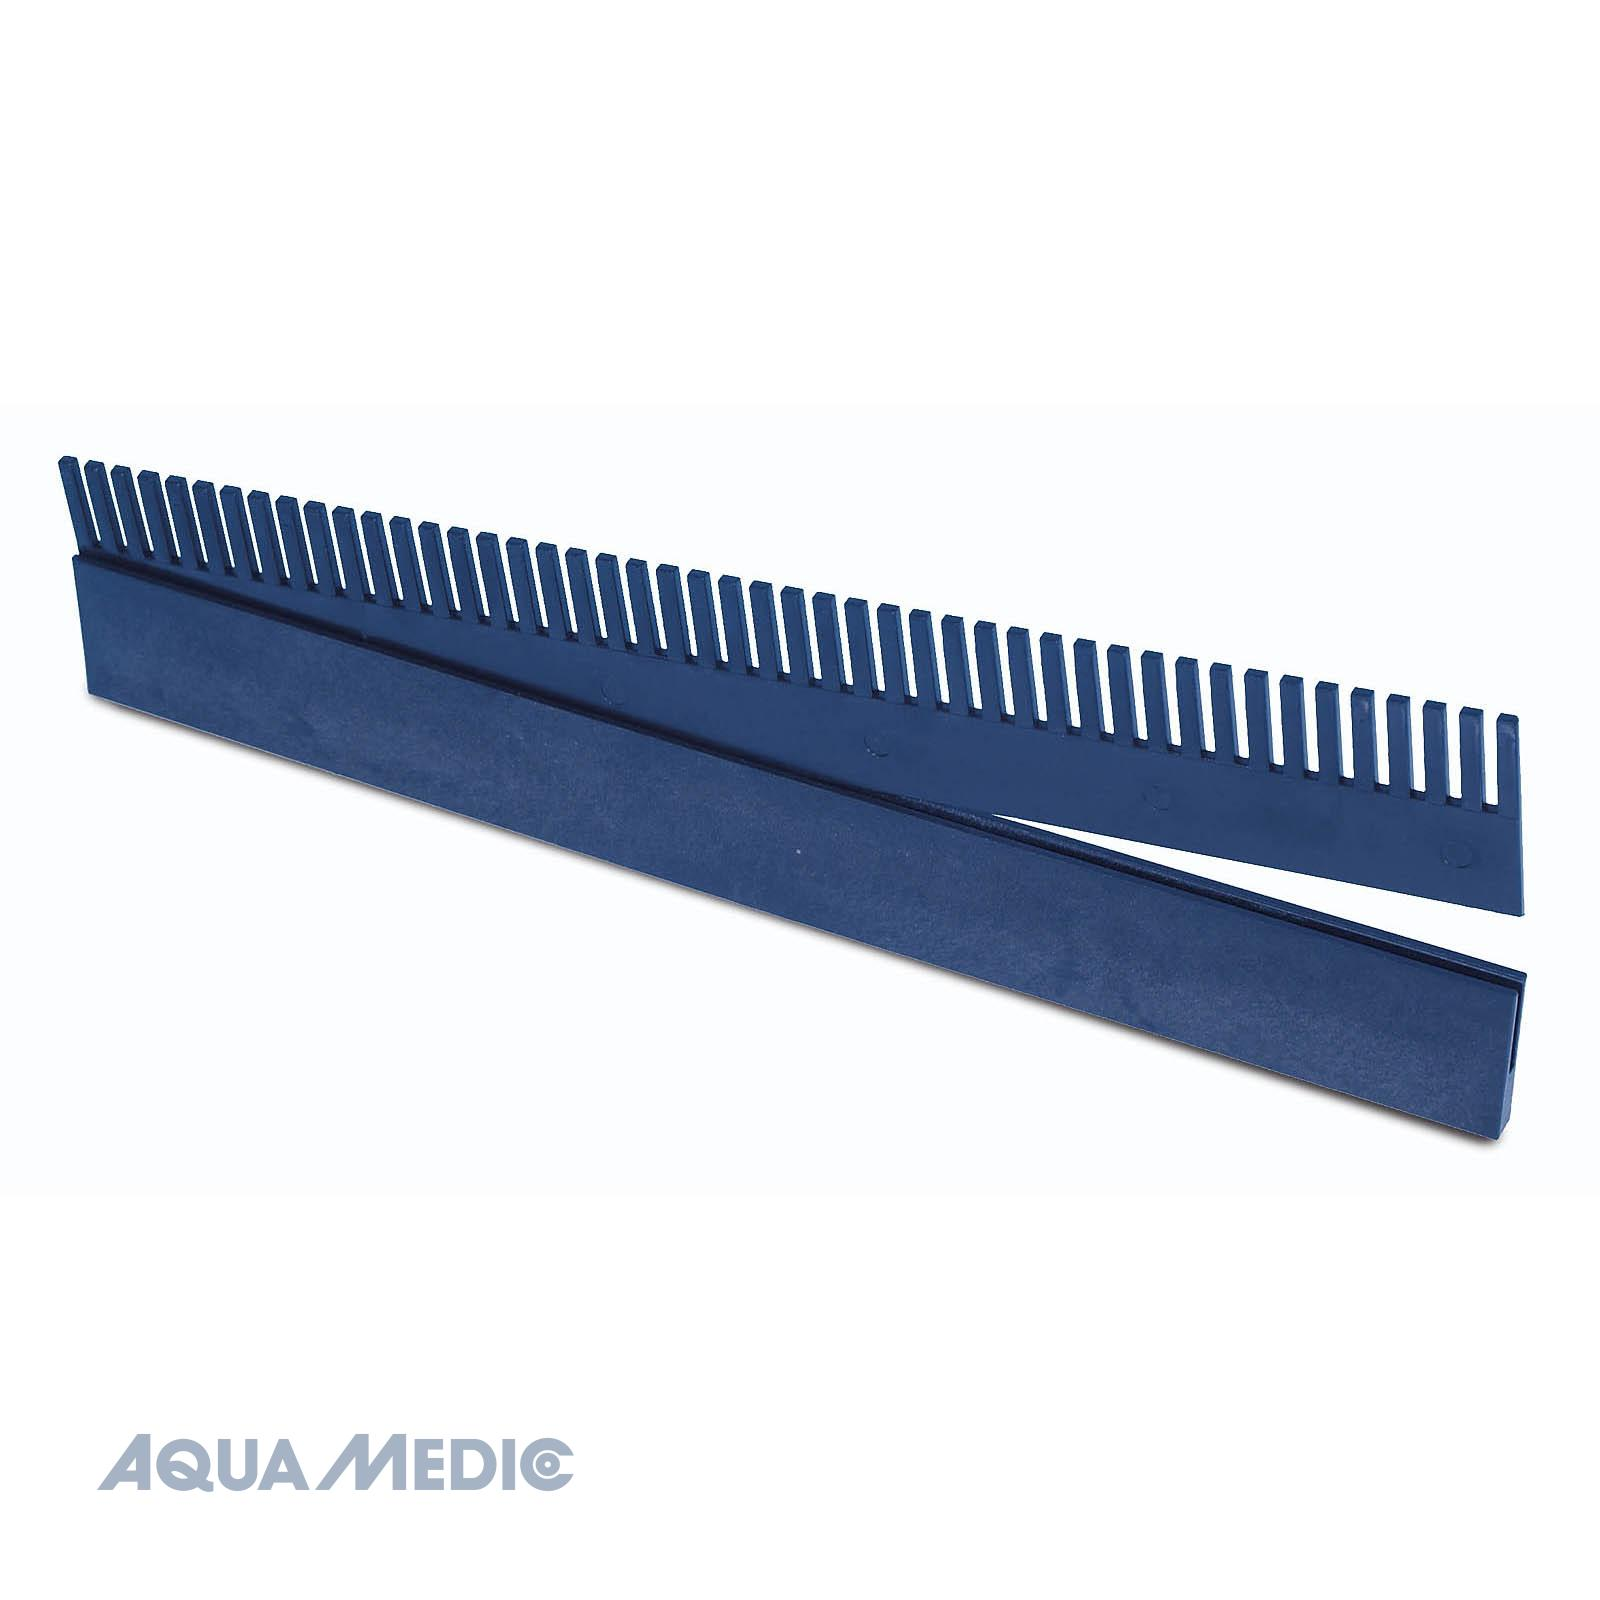 Aquamedic Overflow Comb + Holder 32cm